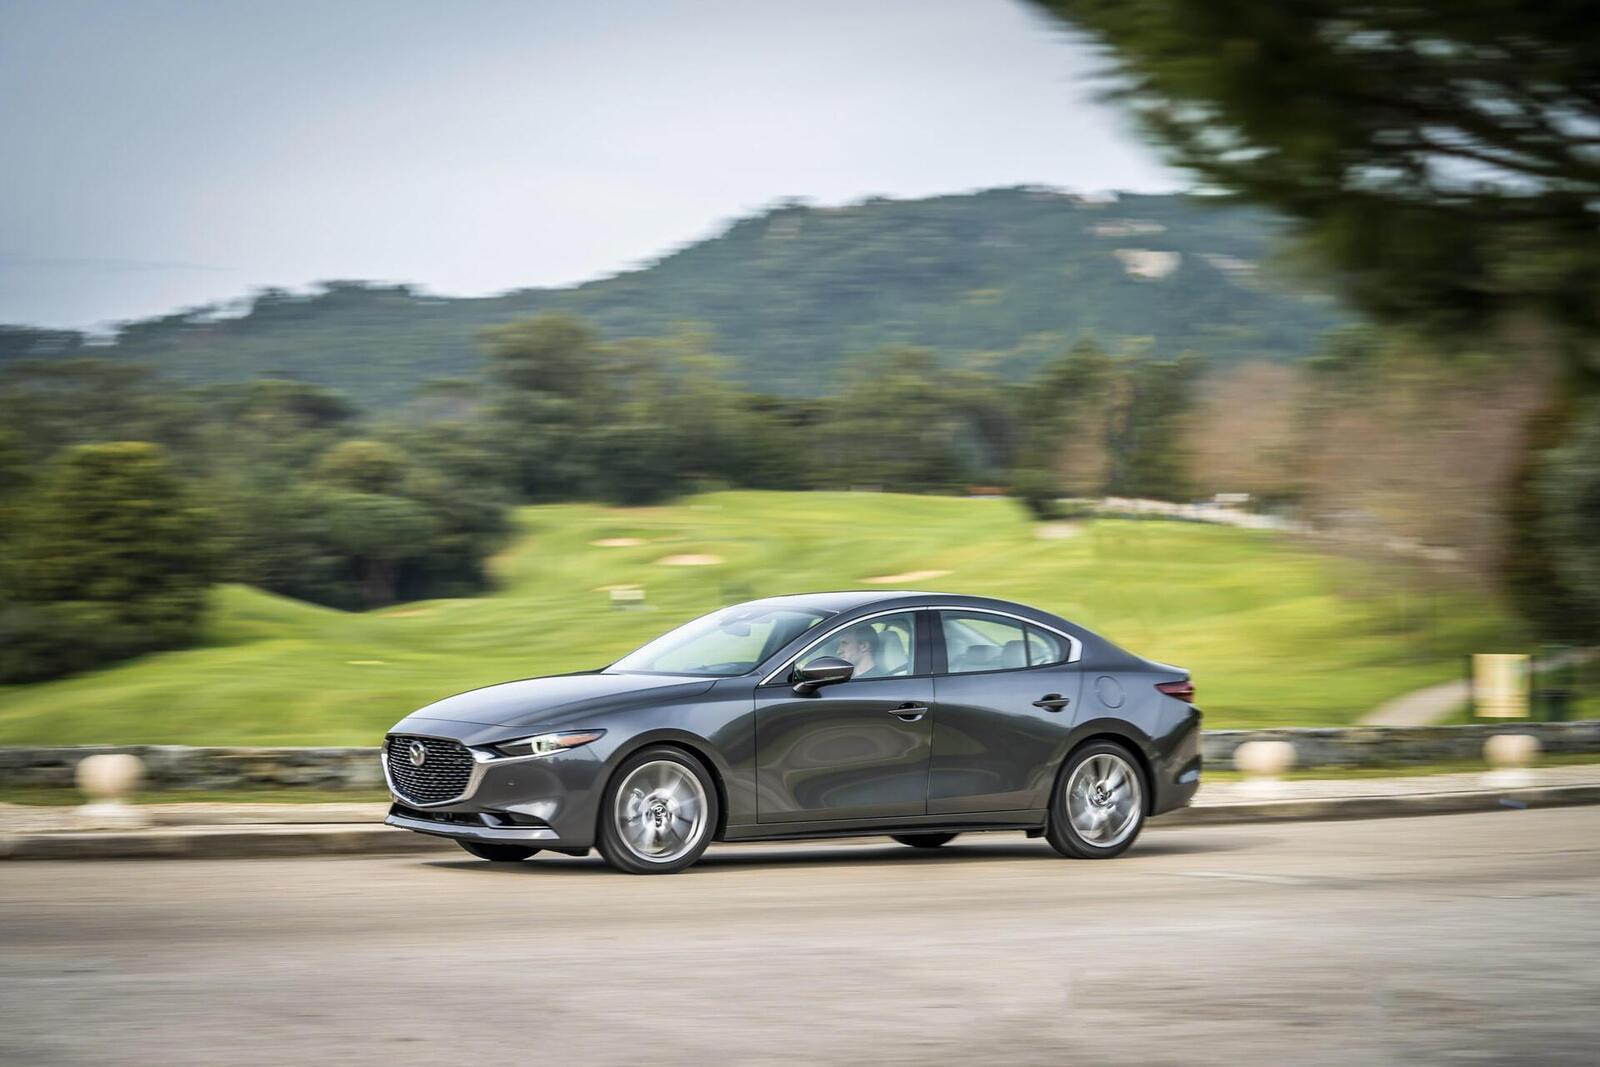 Mazda3 thế hệ mới chốt lịch ra mắt tại Malaysia vào tháng sau; giá dự kiến từ 764 triệu đồng - Hình 15